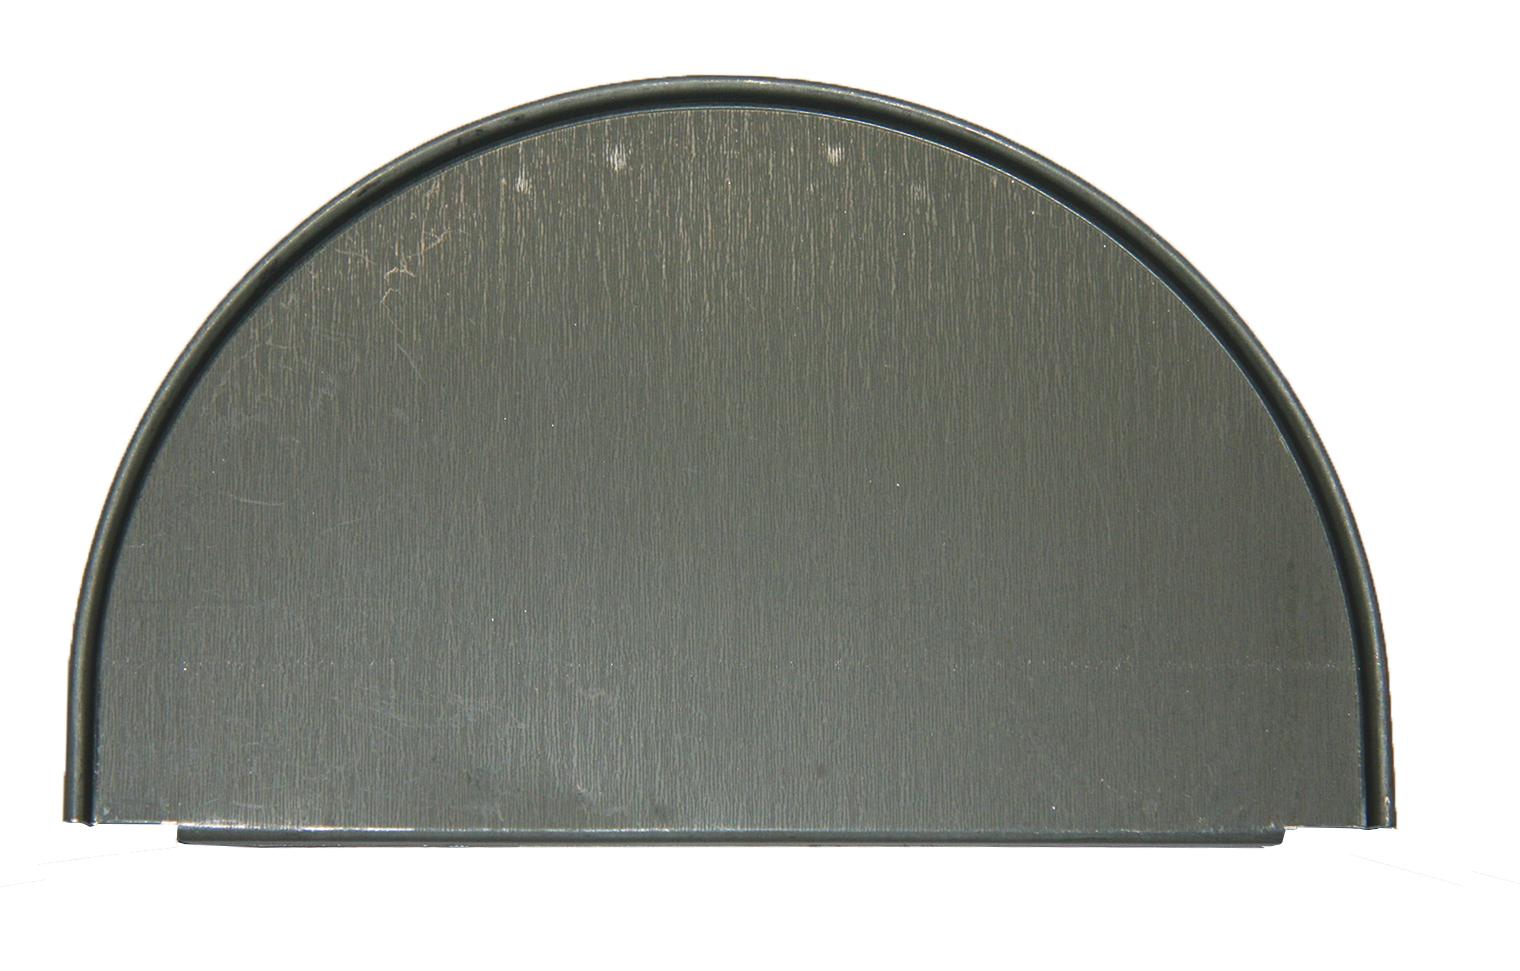 Fonds embo tables en zinc patin ardoise pour goutti re for Gouttiere demi ronde zinc